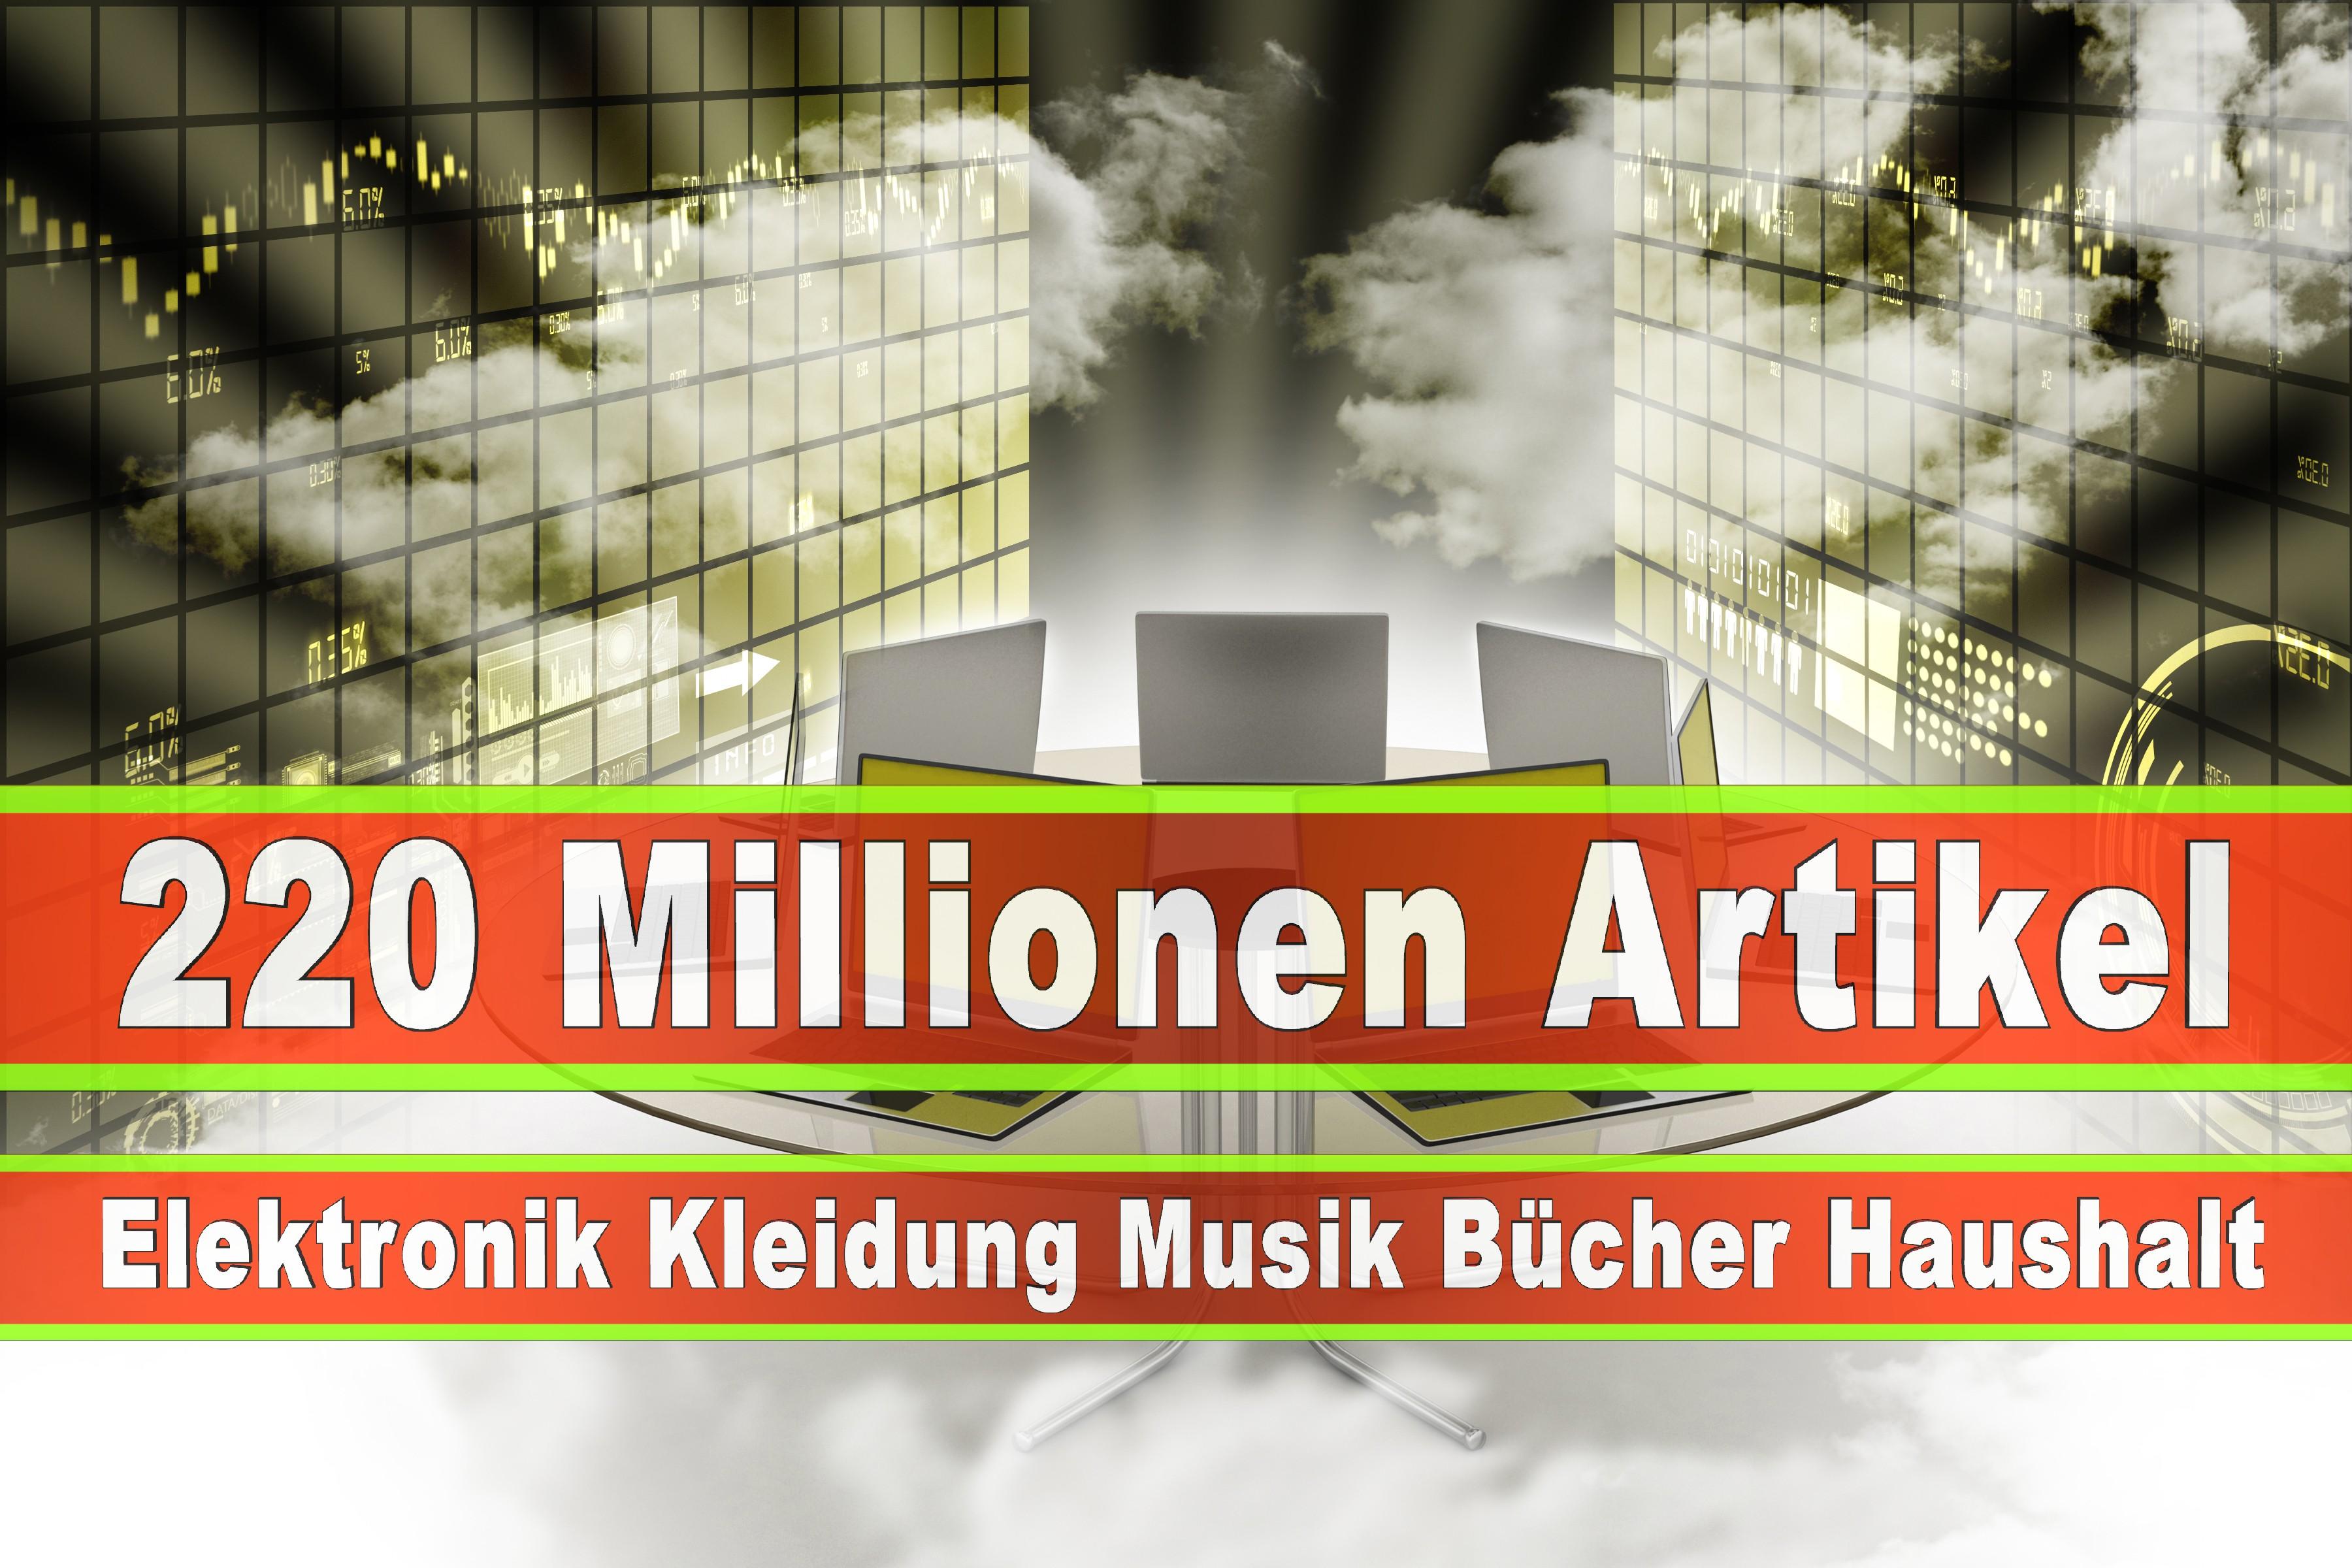 Amazon Elektronik Musik Haushalt Bücher CD DVD Handys Smartphones TV Television Fernseher Kleidung Mode Ebay (14)